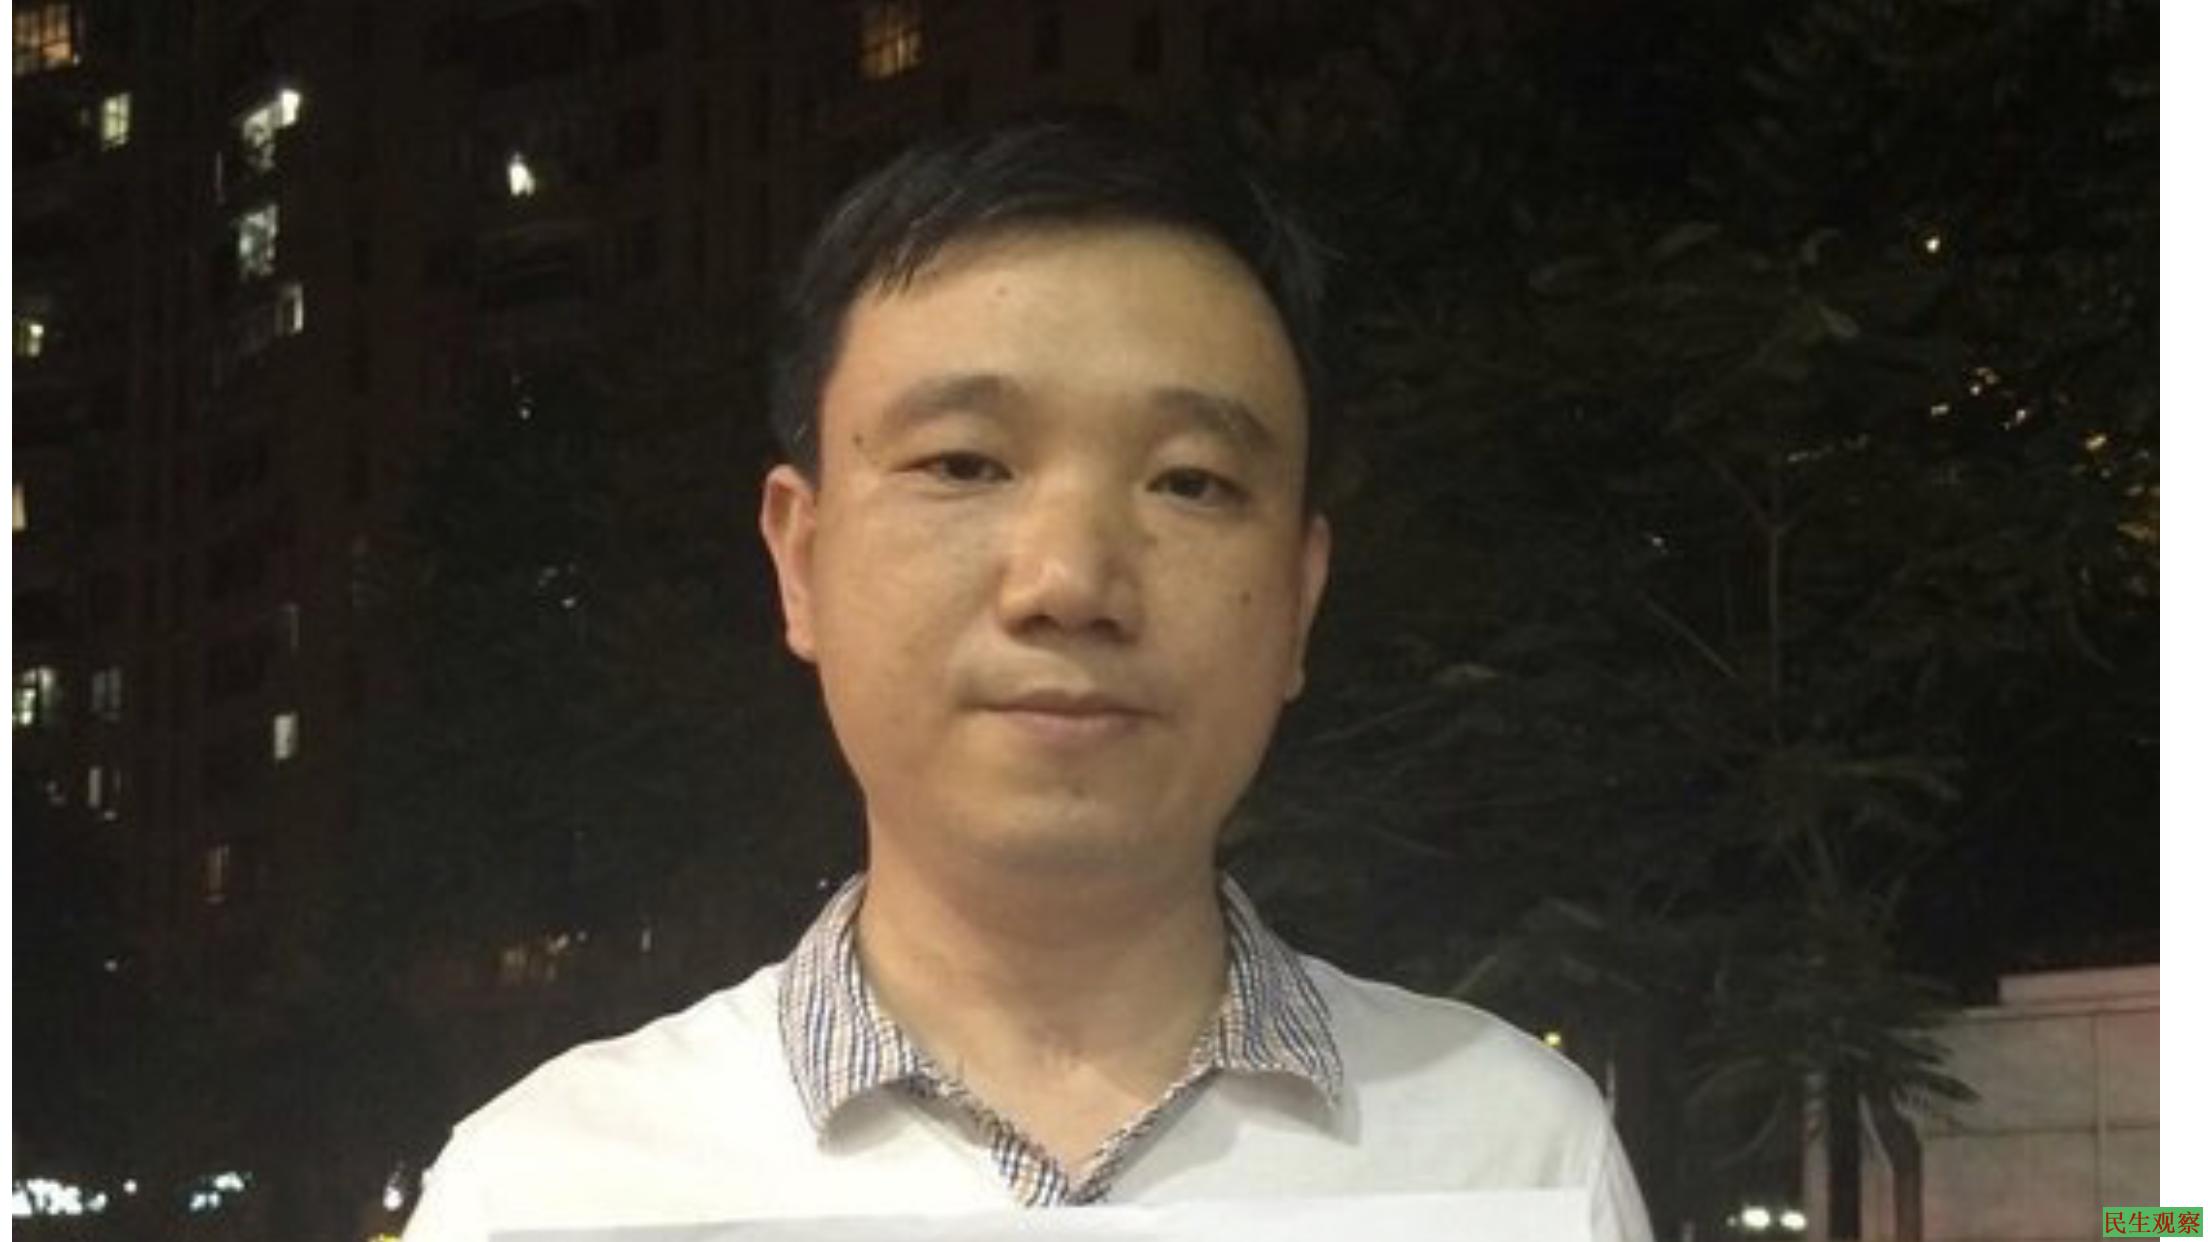 民生观察:强烈抗议中共当局疯狂滥捕维权人士